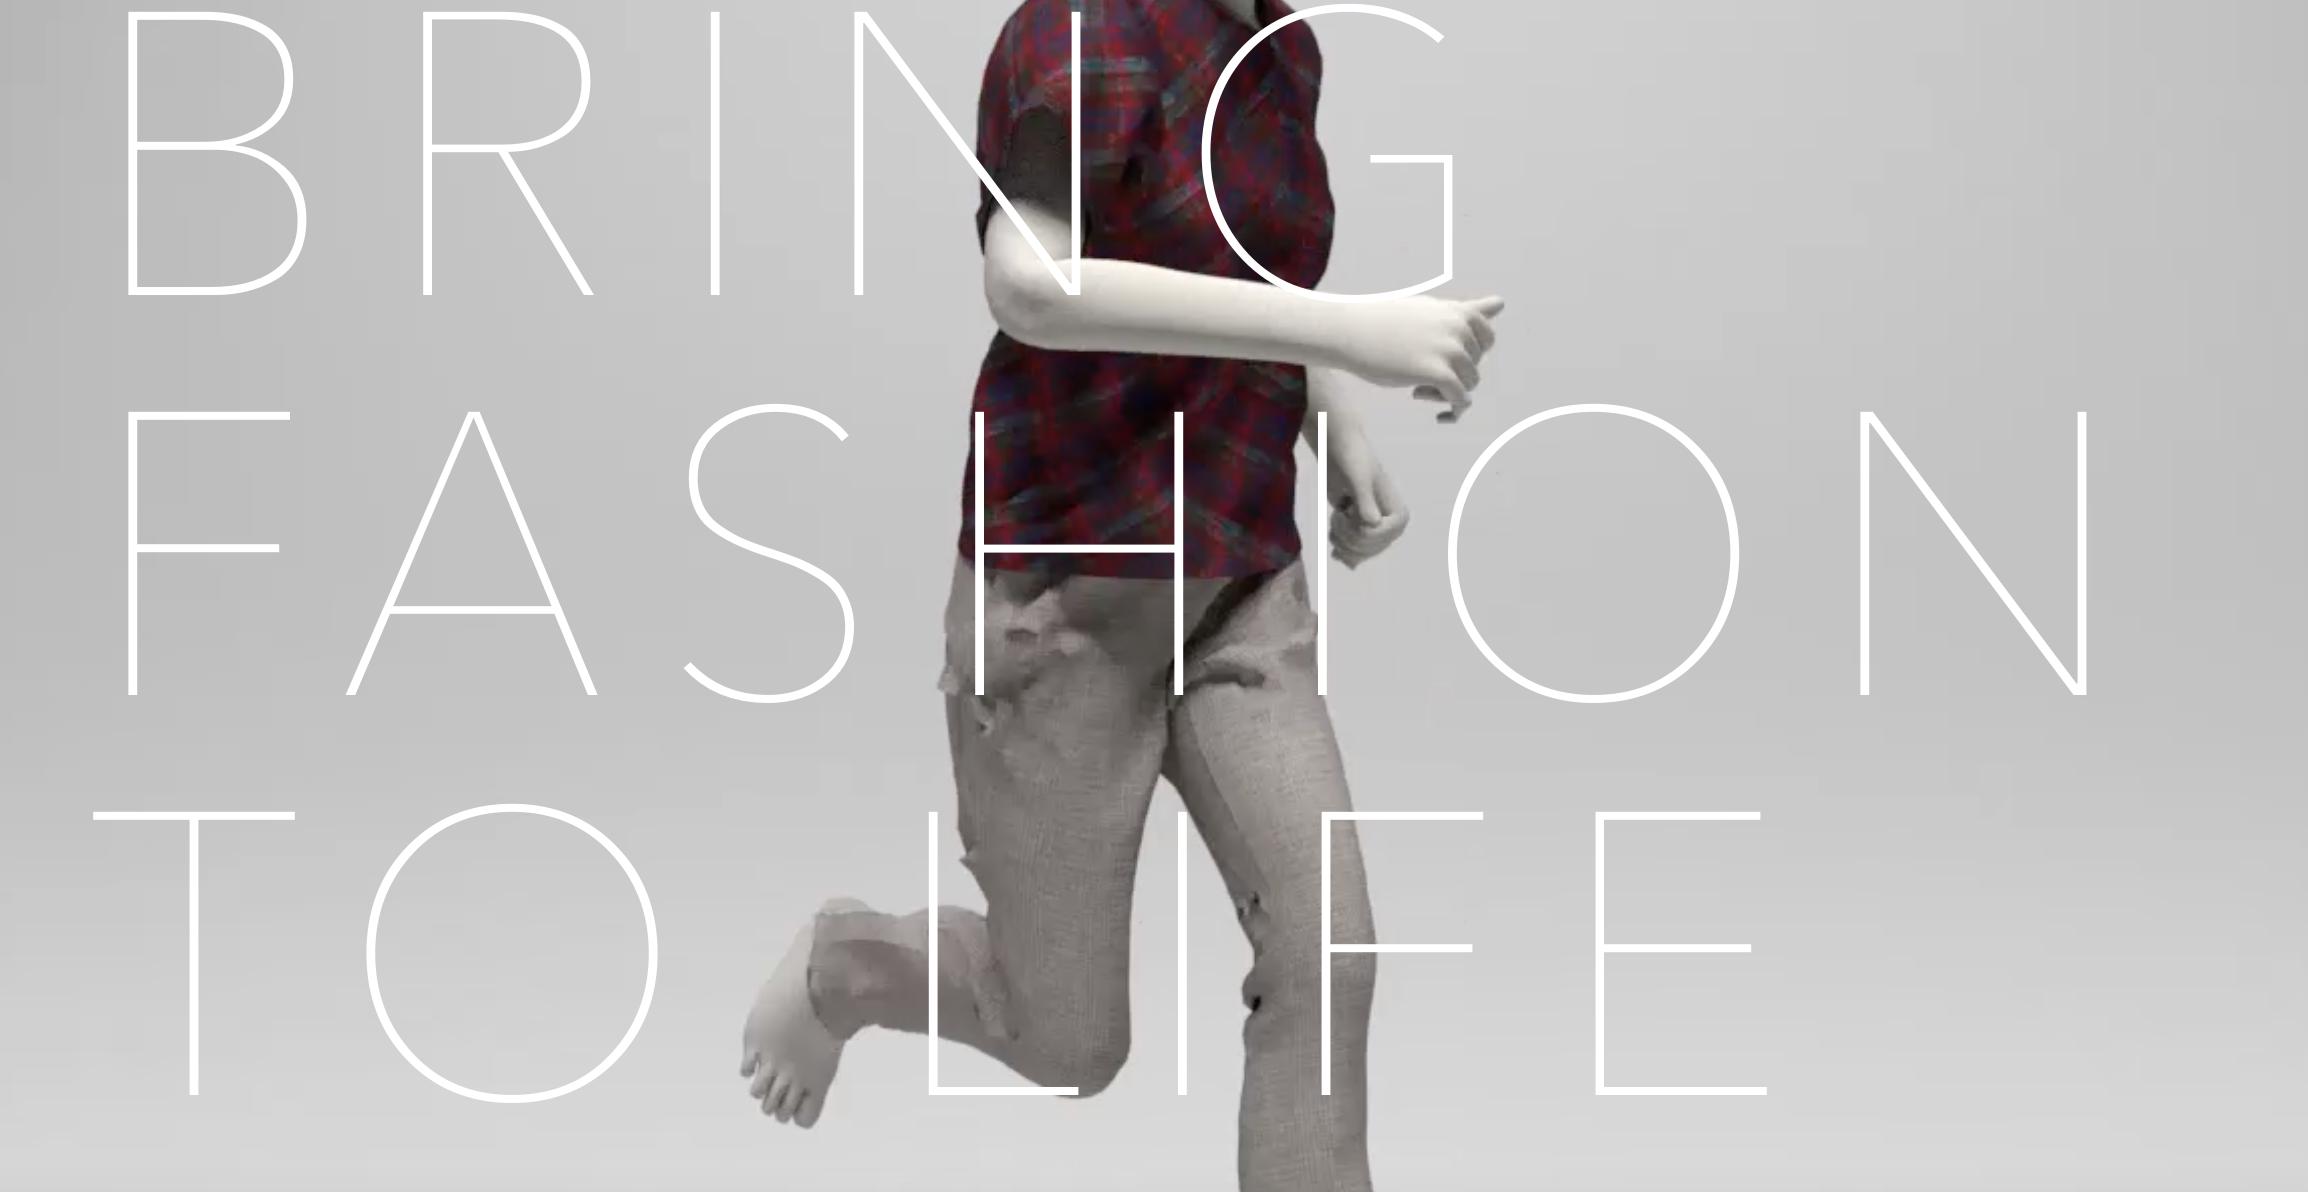 Clo 3d - 3 Aspekte, welche die Zukunft der Modeindustrie revolutionieren